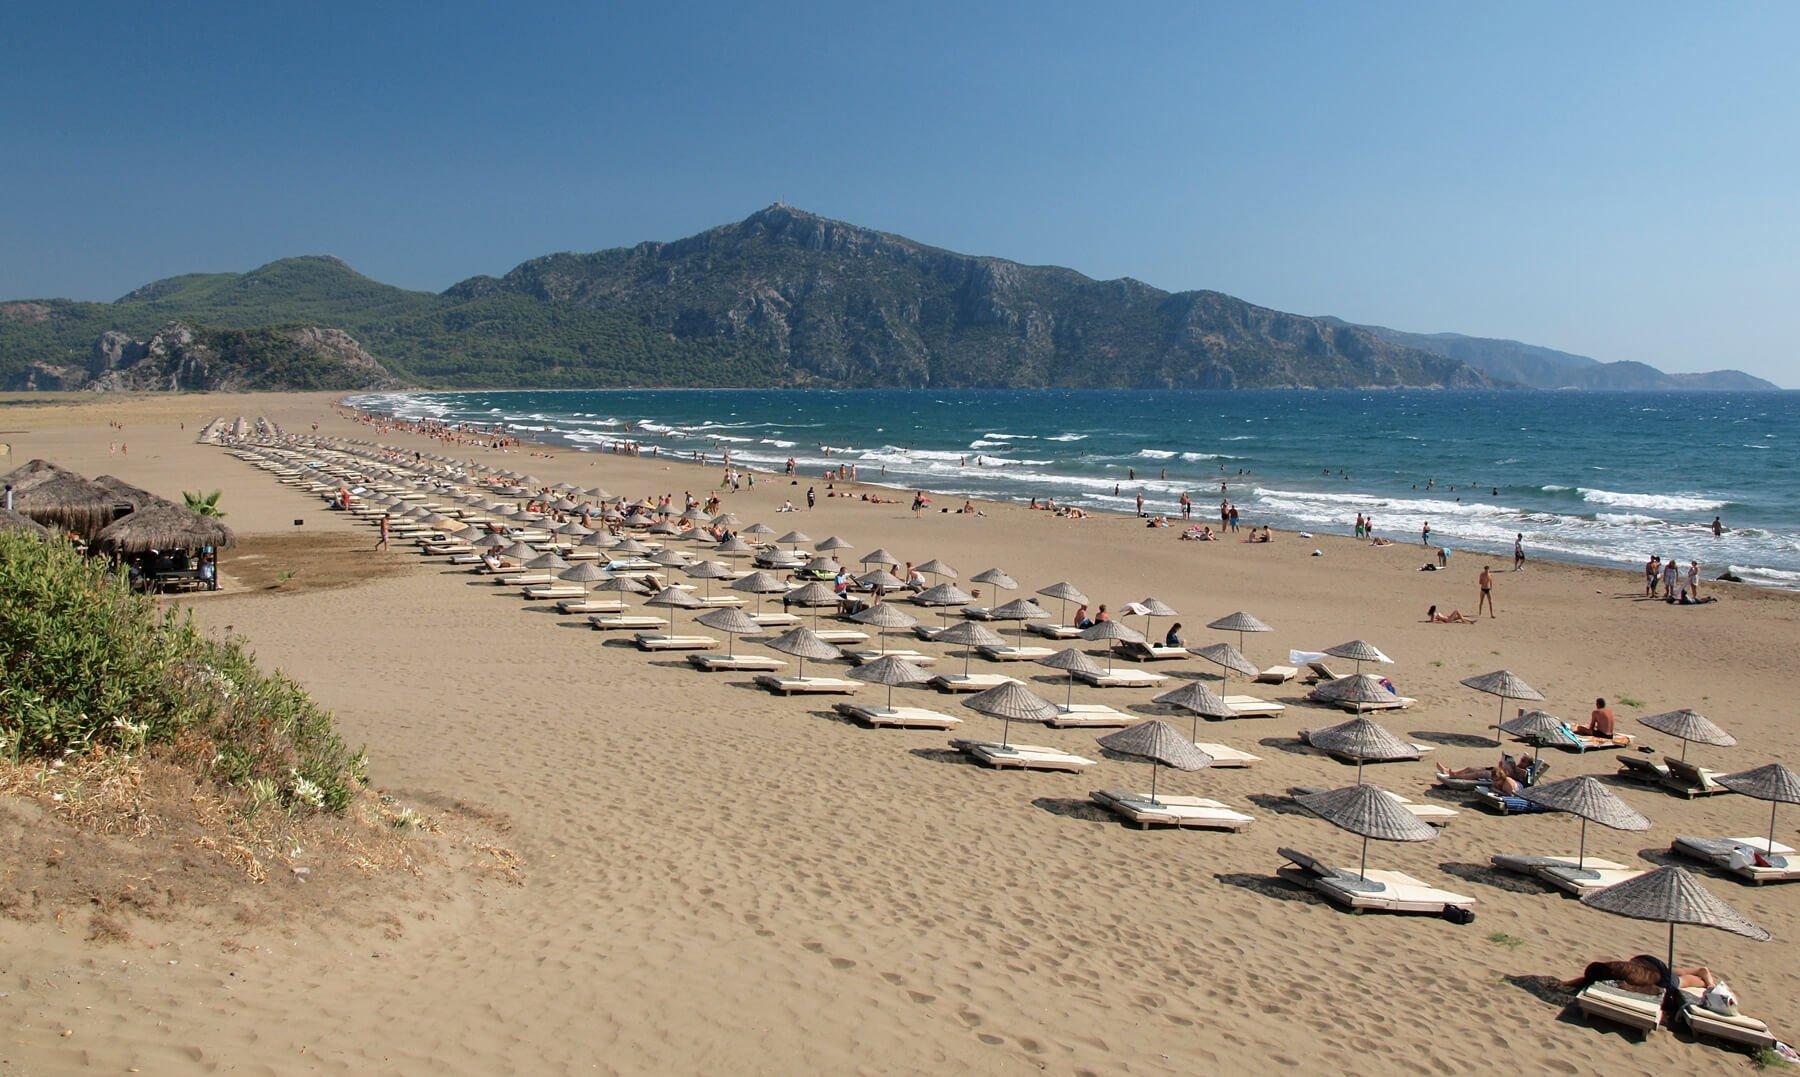 турецкие пляжи сегодня фото это